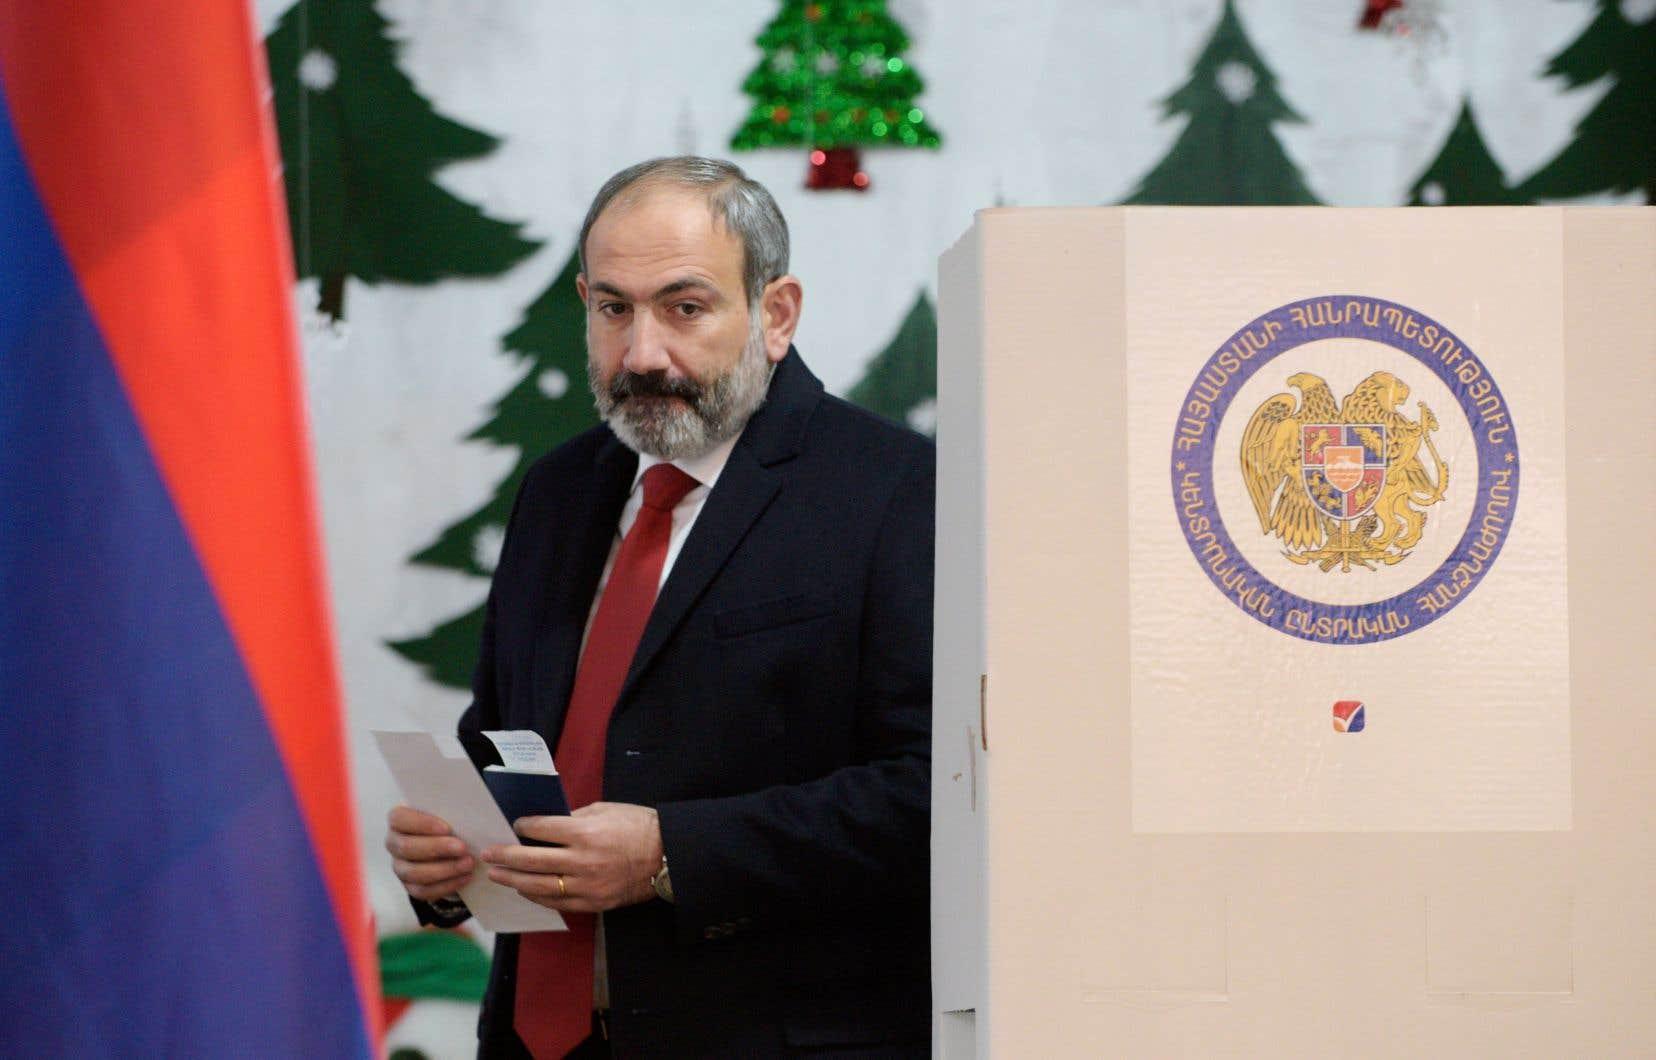 Nikol Pachinian, un ancien journaliste de 43ans, est arrivé au pouvoir en Arménie en mai dernier après avoir mené pendant plusieurs semaines des manifestations massives contre le gouvernement alors au pouvoir depuis plus de dix ans.